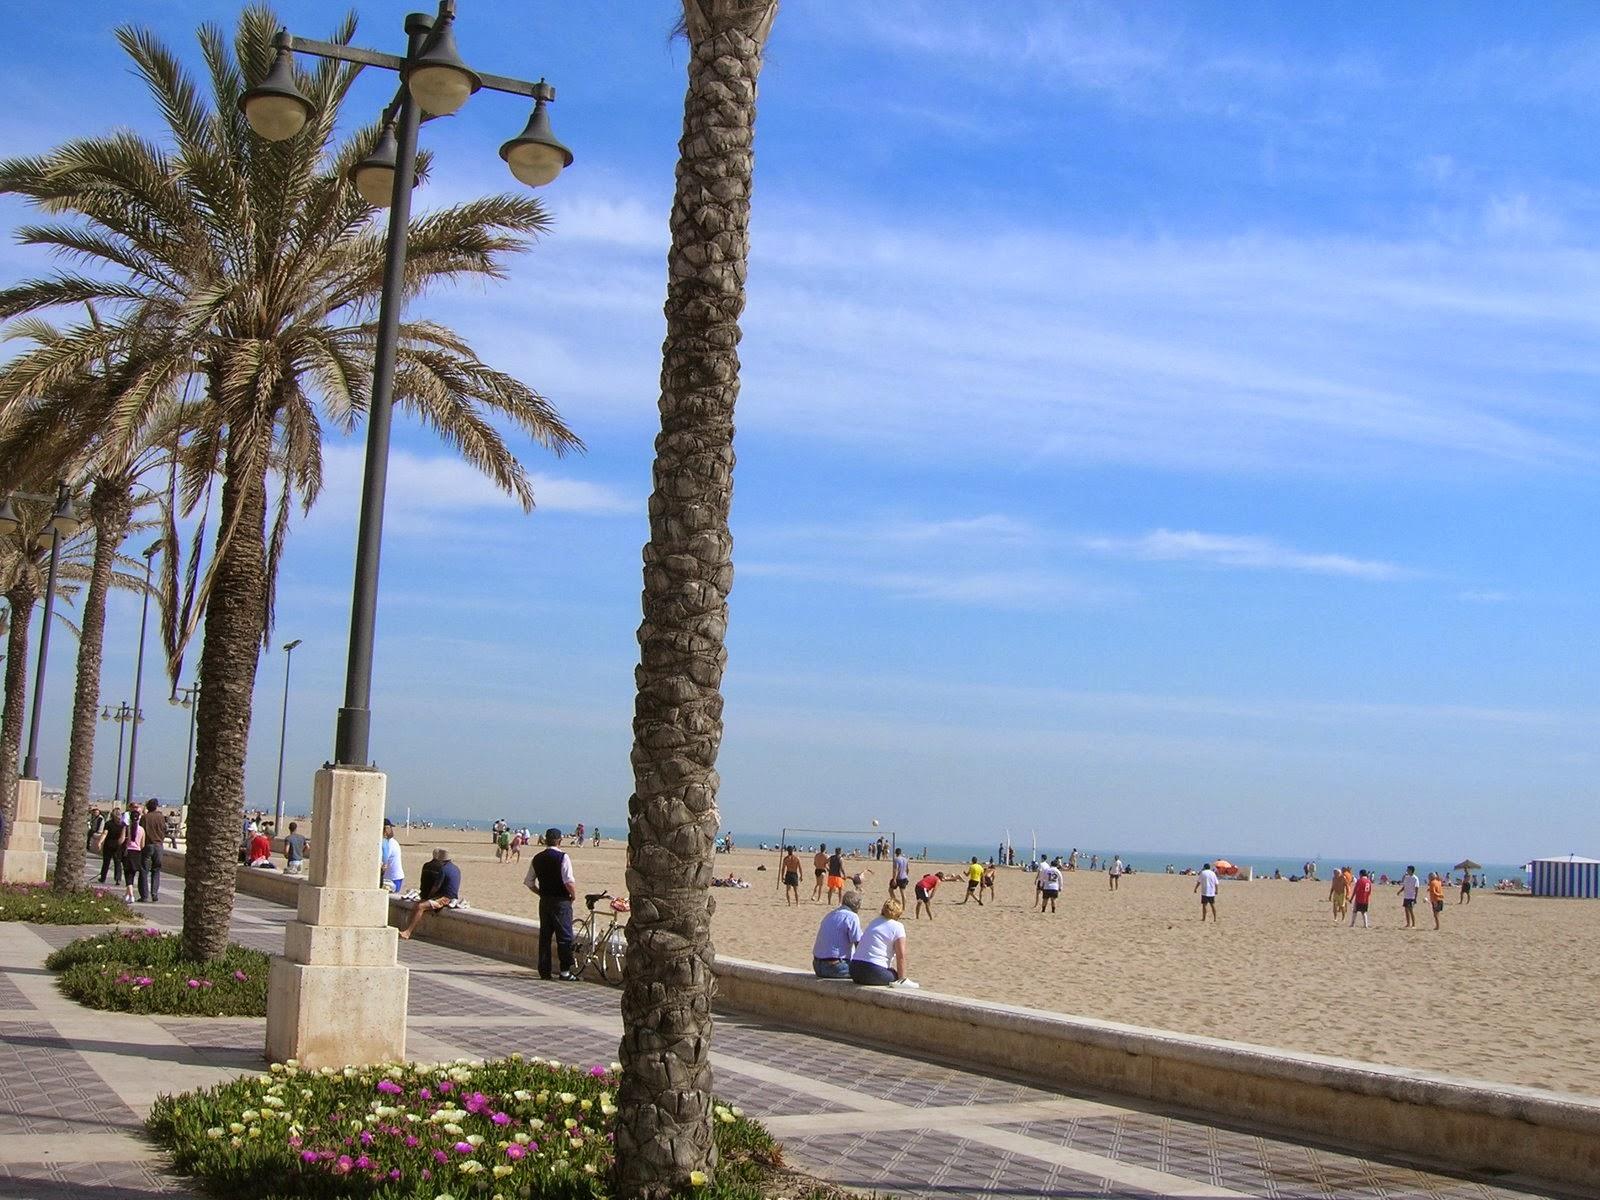 Playa El Viejo